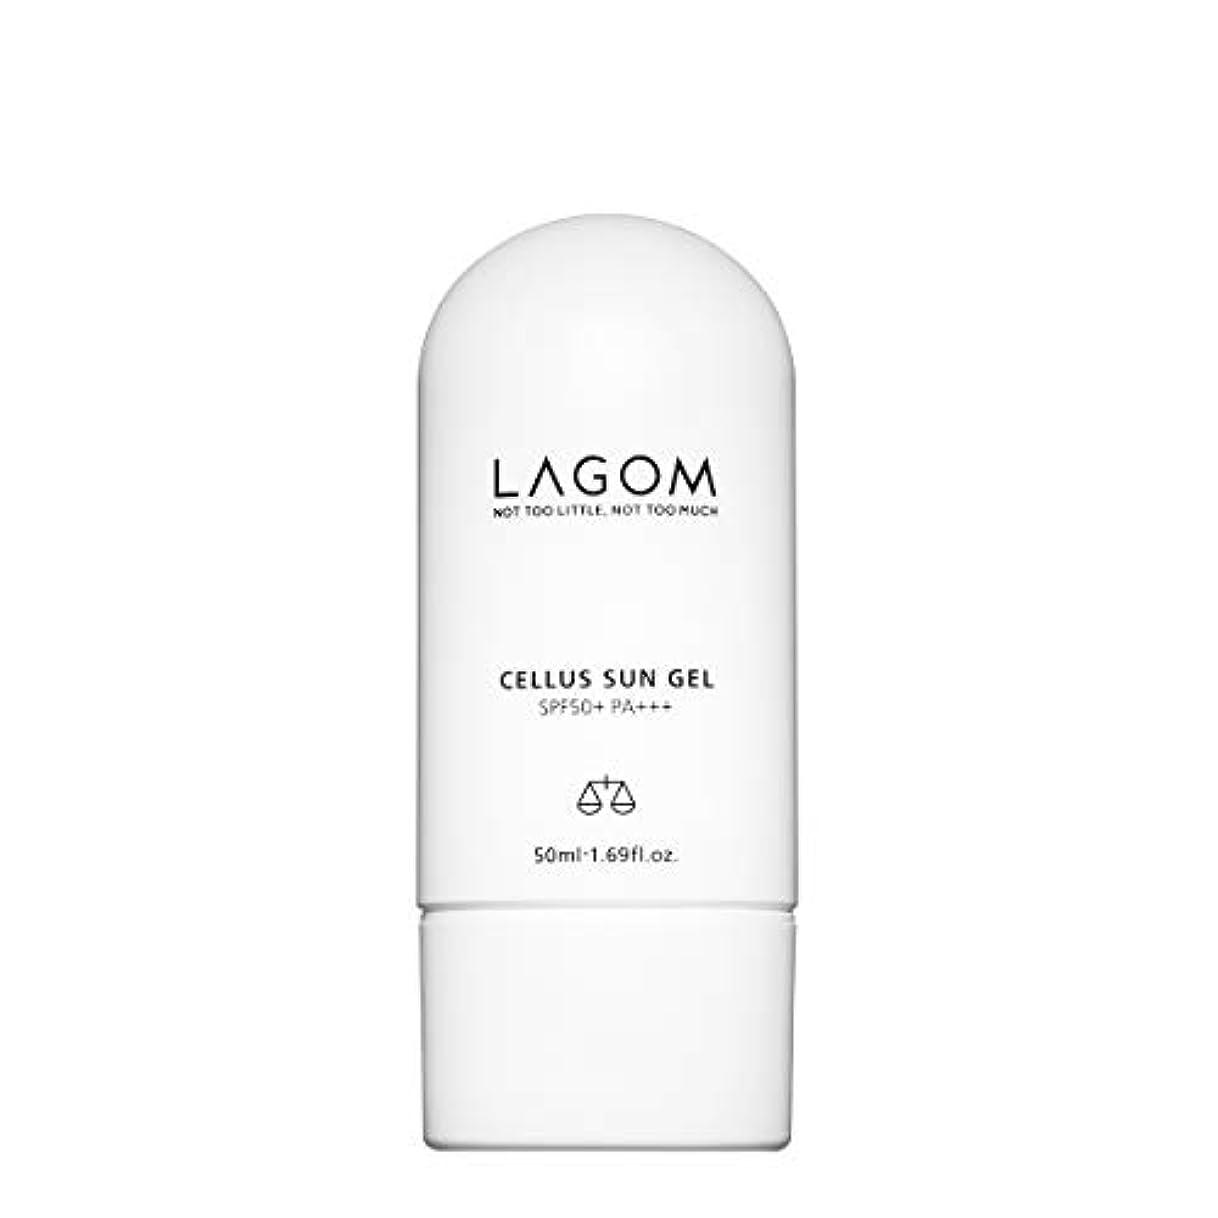 激しい予感見捨てるラゴム サンジェル 50ml (日焼け止め乳液) SPF50+/PA+++ 国内正規品